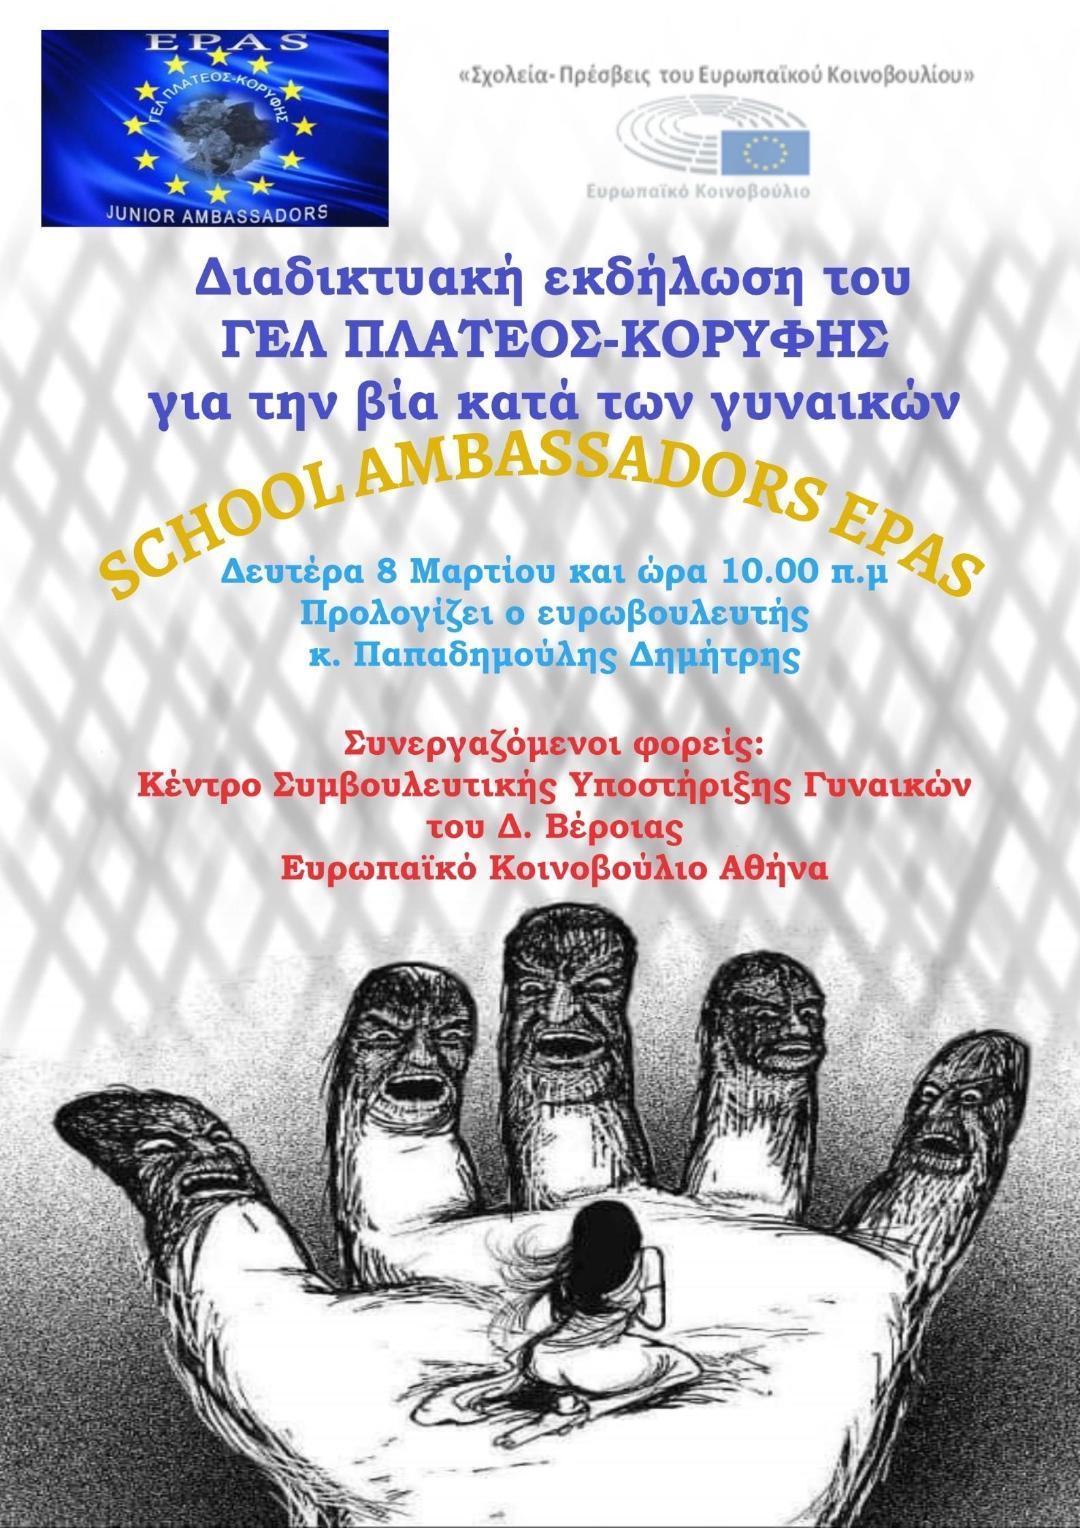 Κέντρο συμβουλευτικής υποστήριξης γυναικών Δήμου Βέροιας:«Η κακοποίηση της γυναίκας στη σύγχρονη κοινωνία»